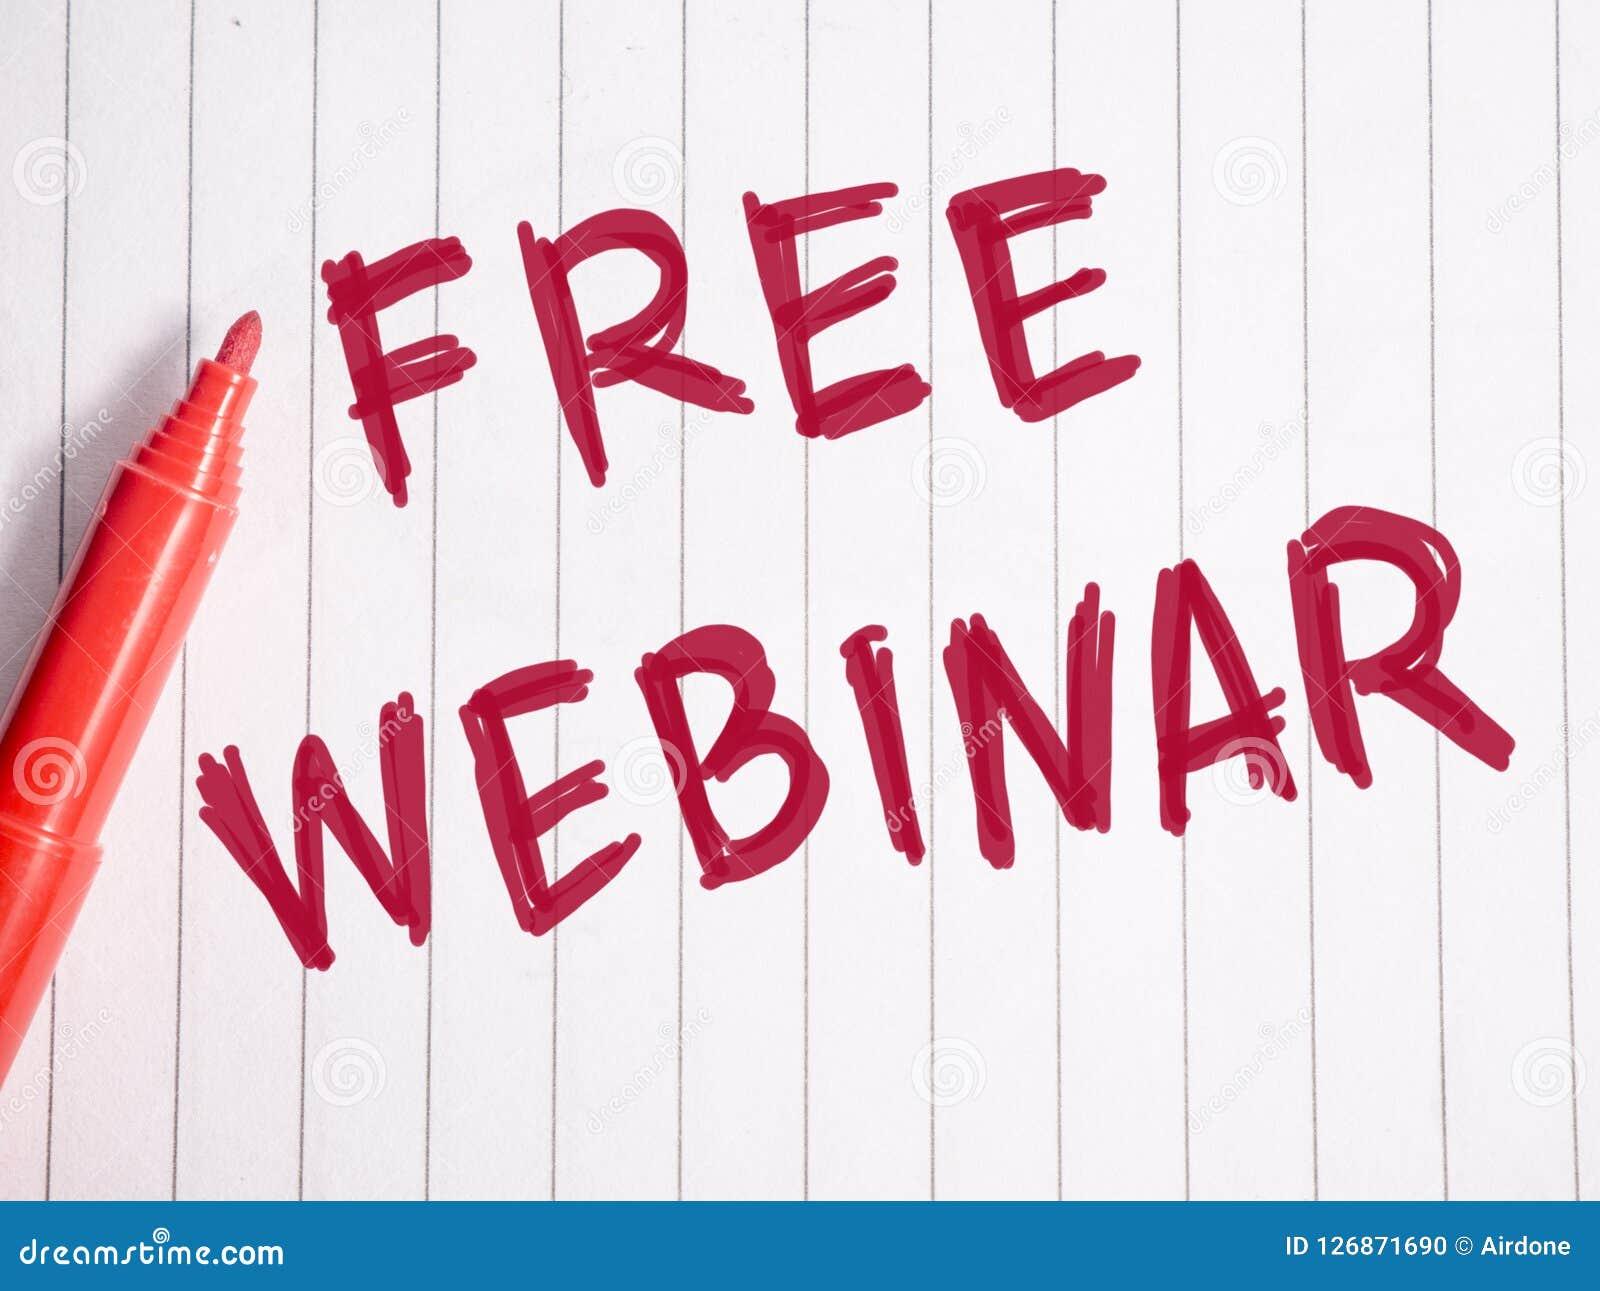 自由Webinar,企业诱导词行情概念